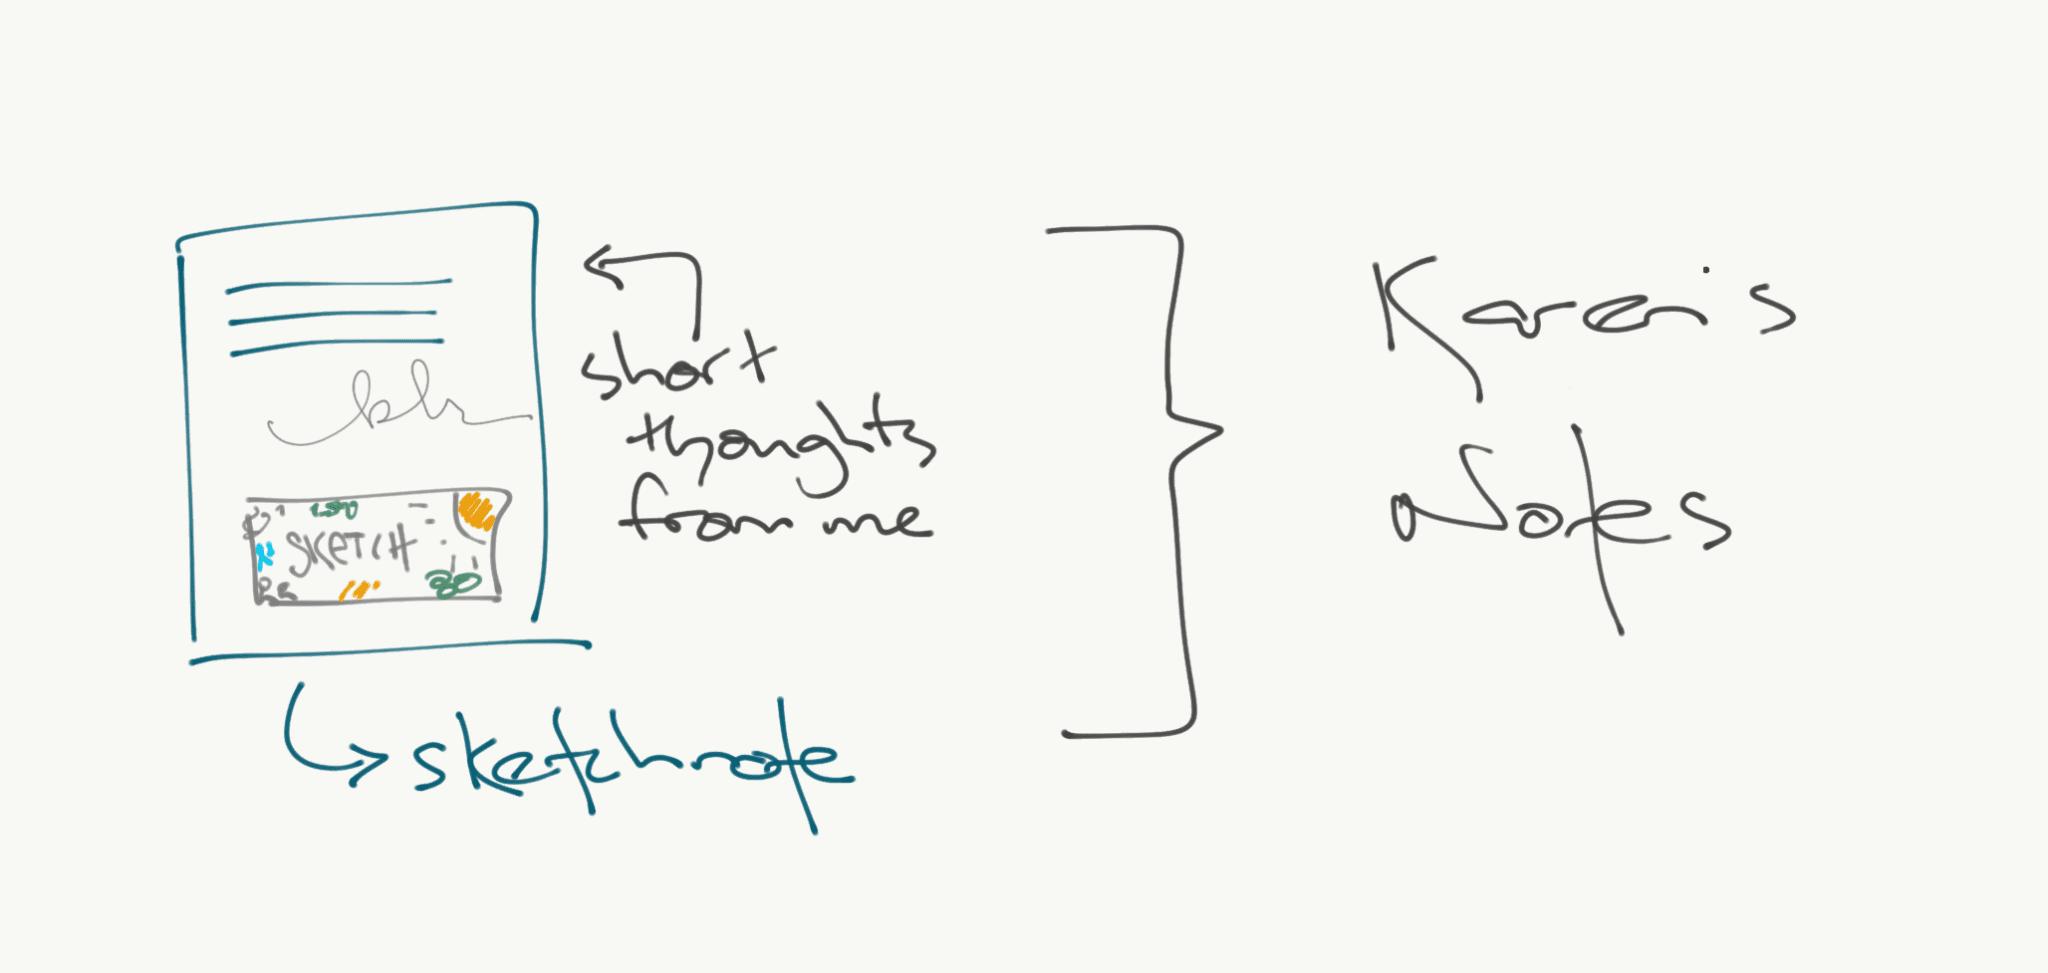 Karen's notes sketch